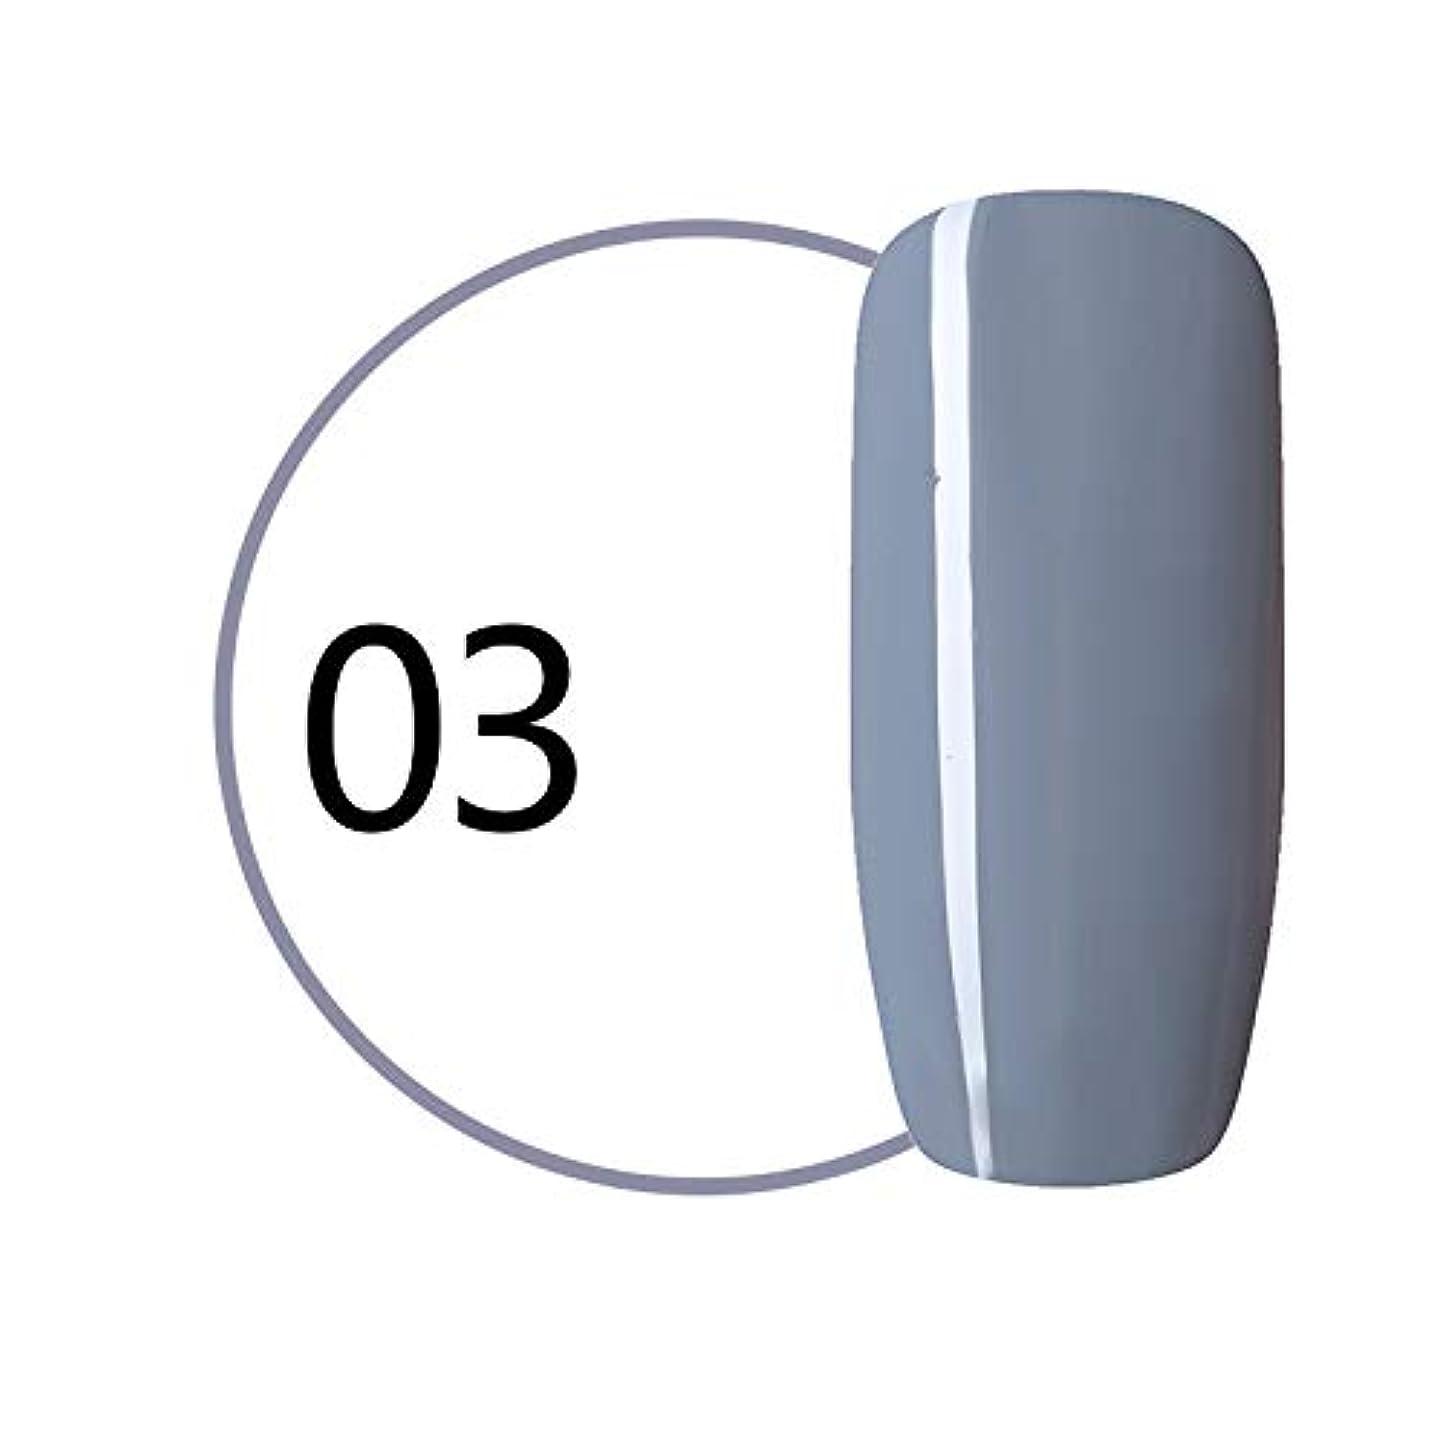 要件レトルト廊下Symboat マニキュア ソークオフ UV LED ネイルジェルポリッシュ ワイングレーシリーズ ネイル用品 女優 人気 初心者にも対応 安全 無毒